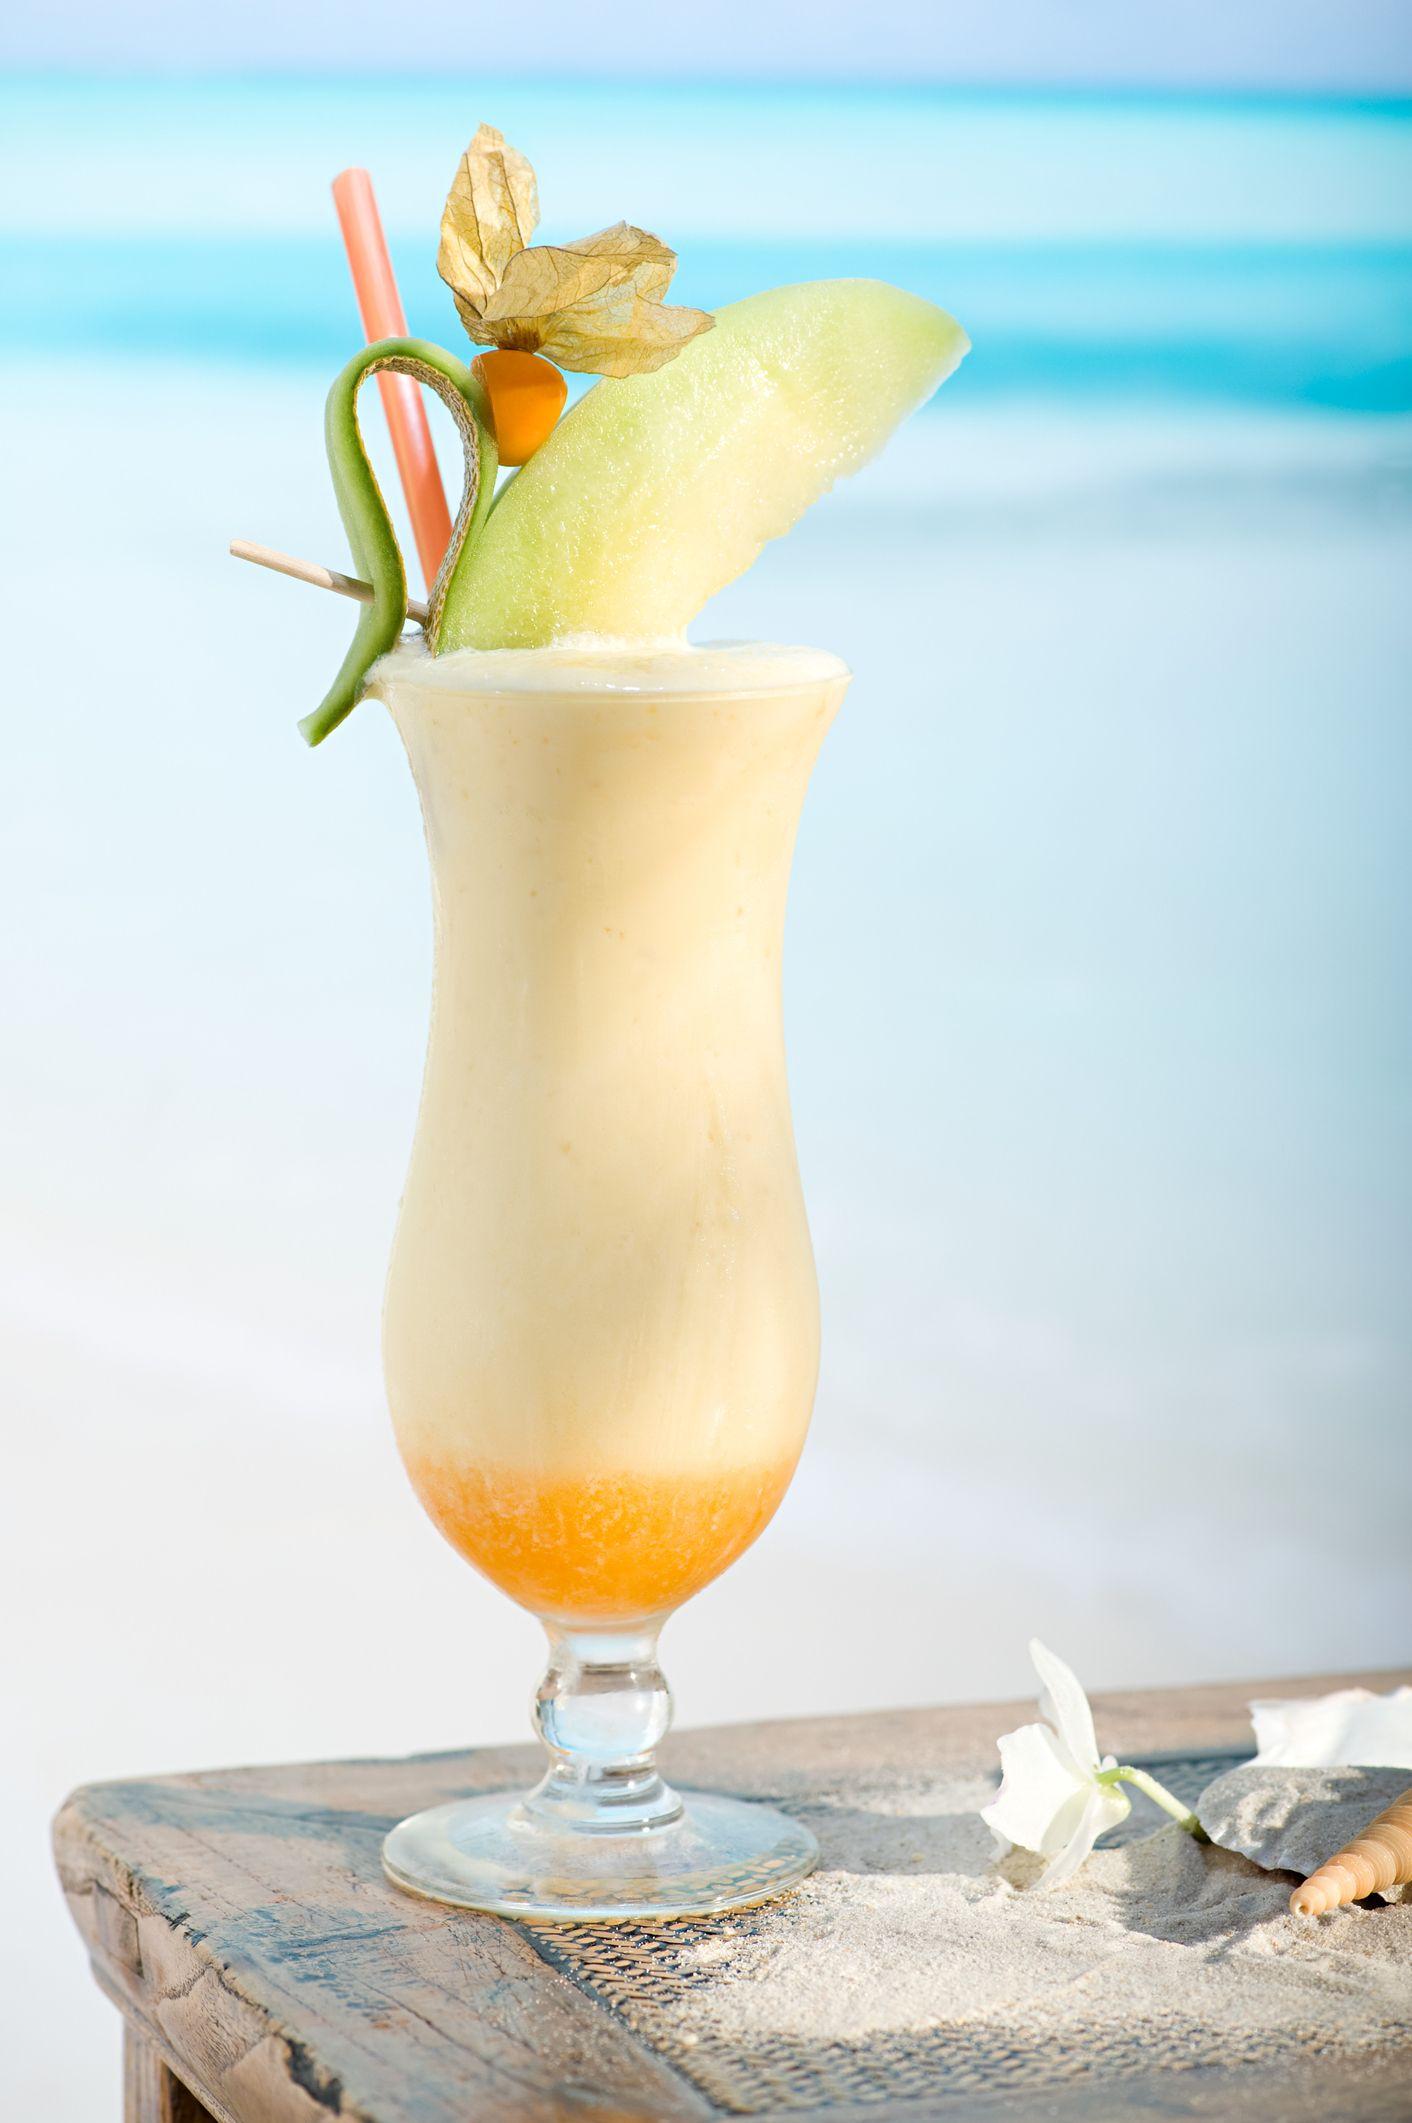 cocktails, alcohol, pina colada